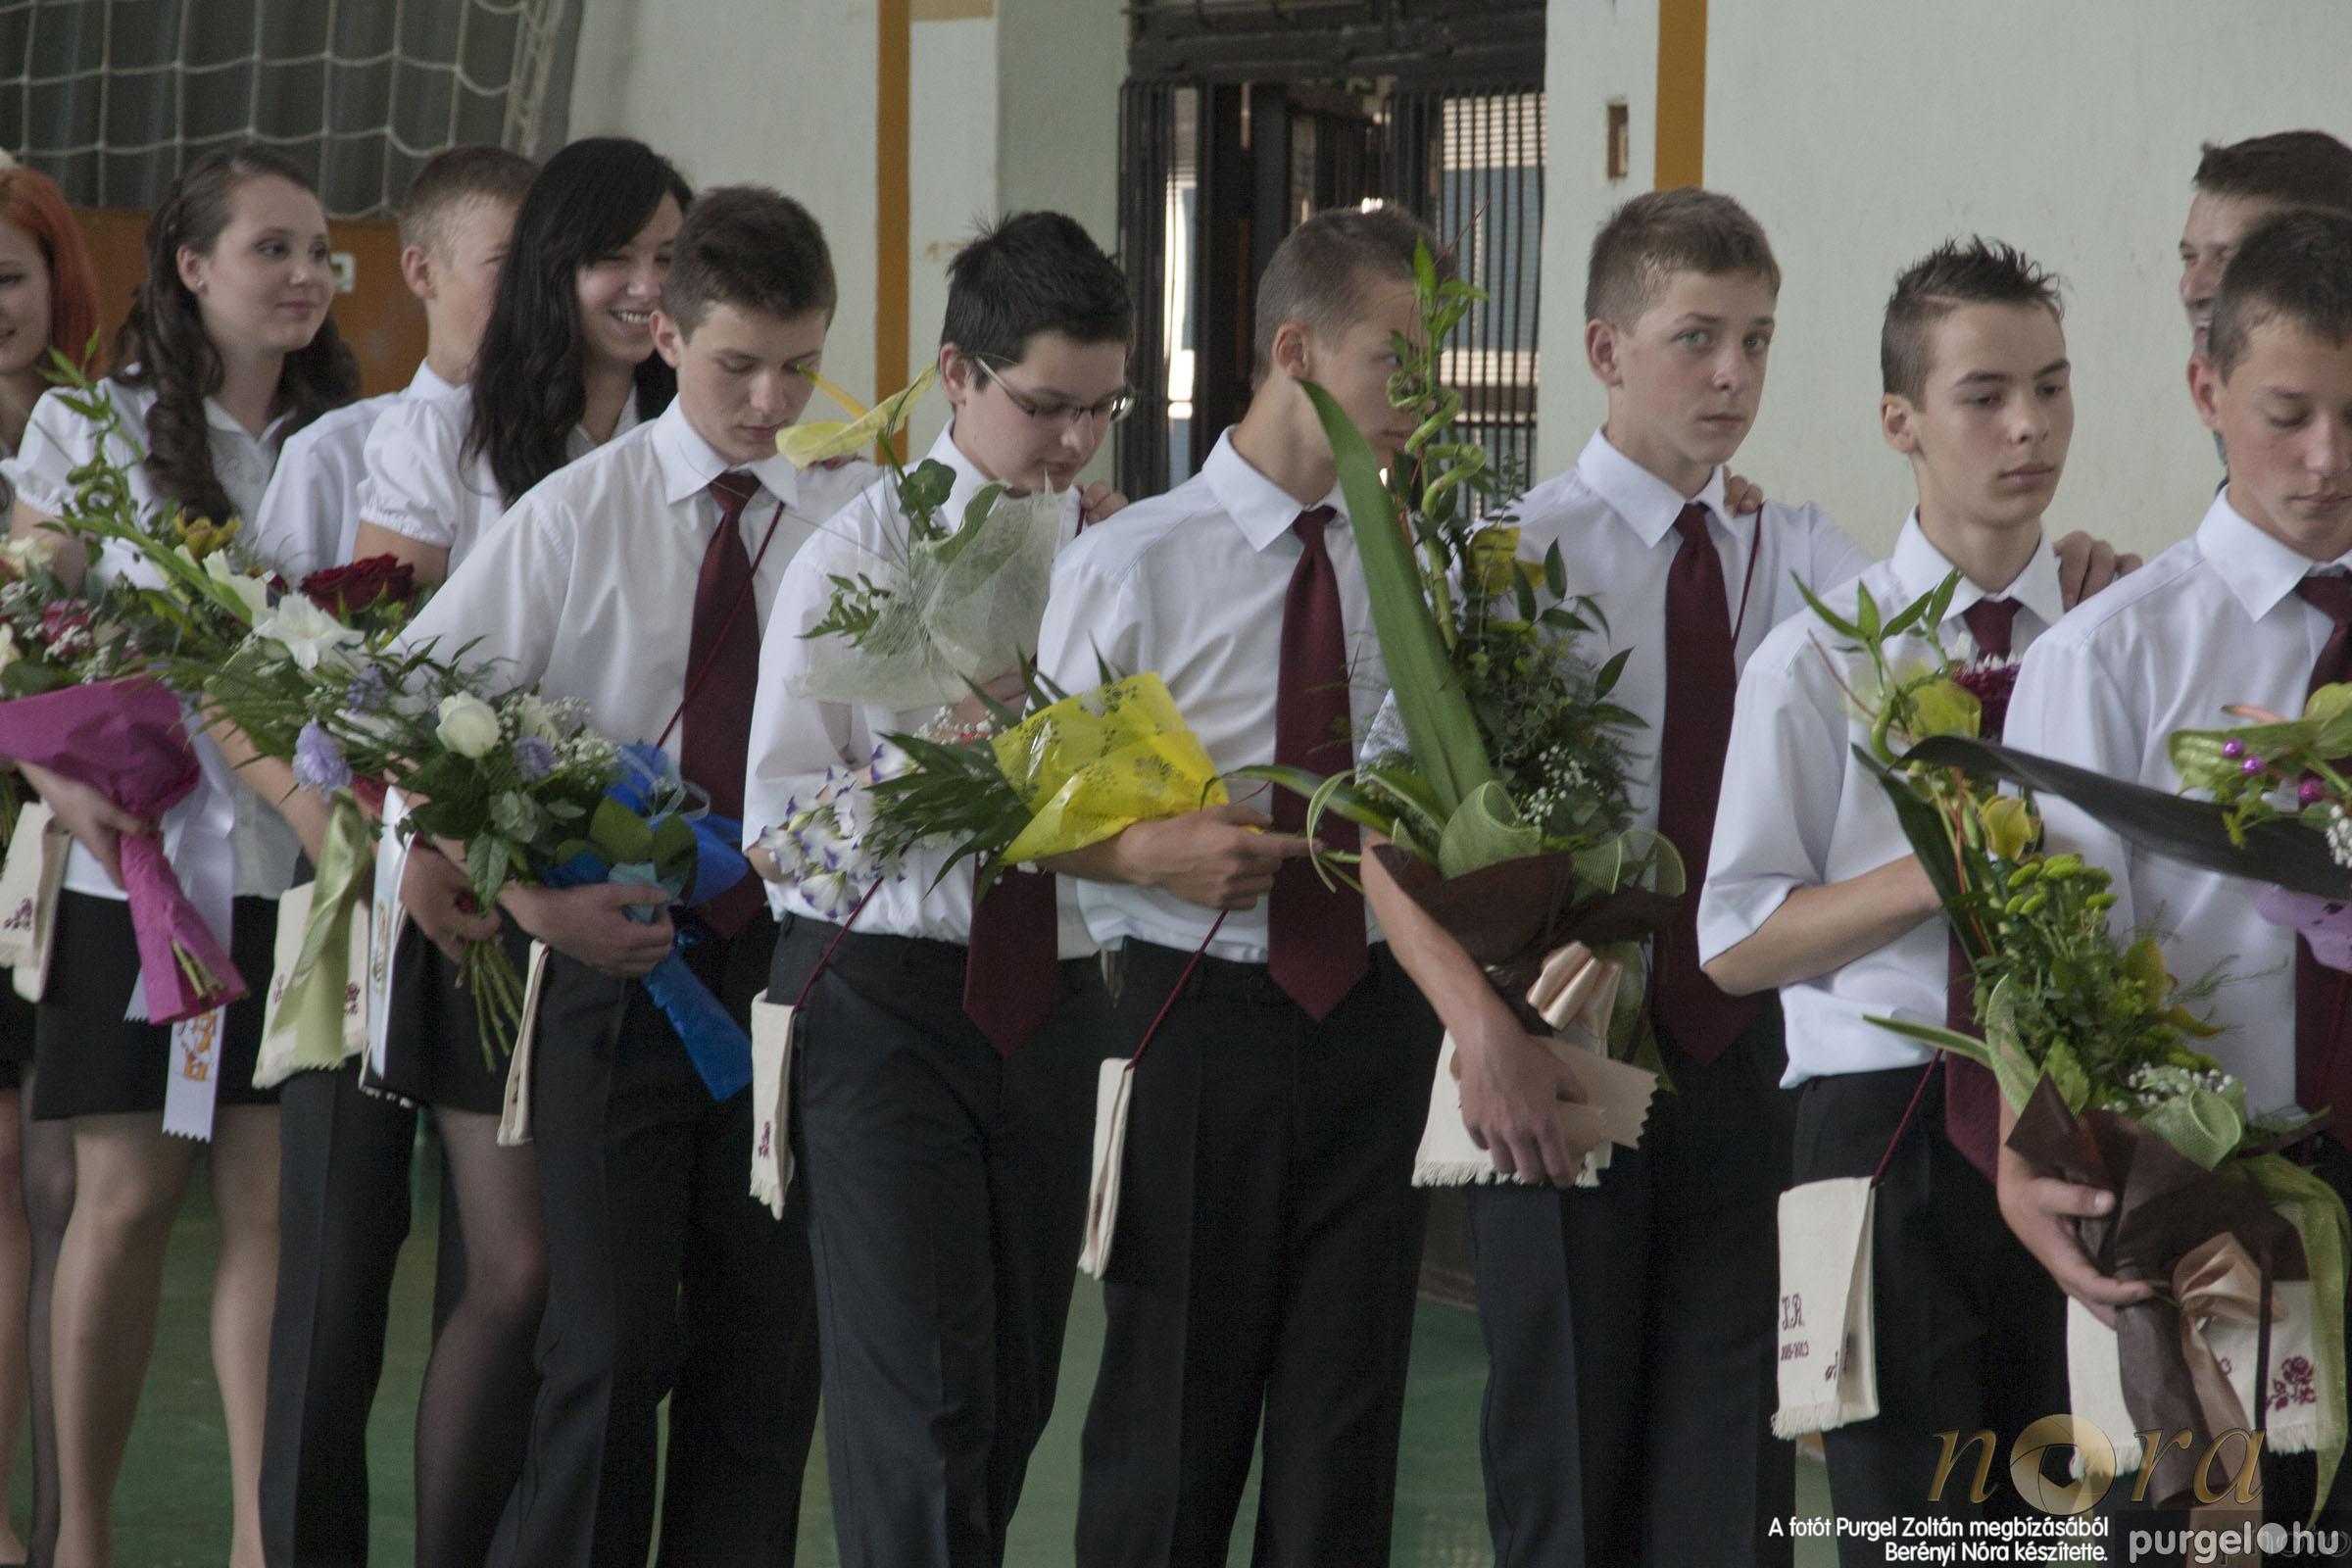 2013.06.15. 115 Forray Máté Általános Iskola ballagás 2013. - Fotó:BERÉNYI NÓRA© _MG_1072.JPG